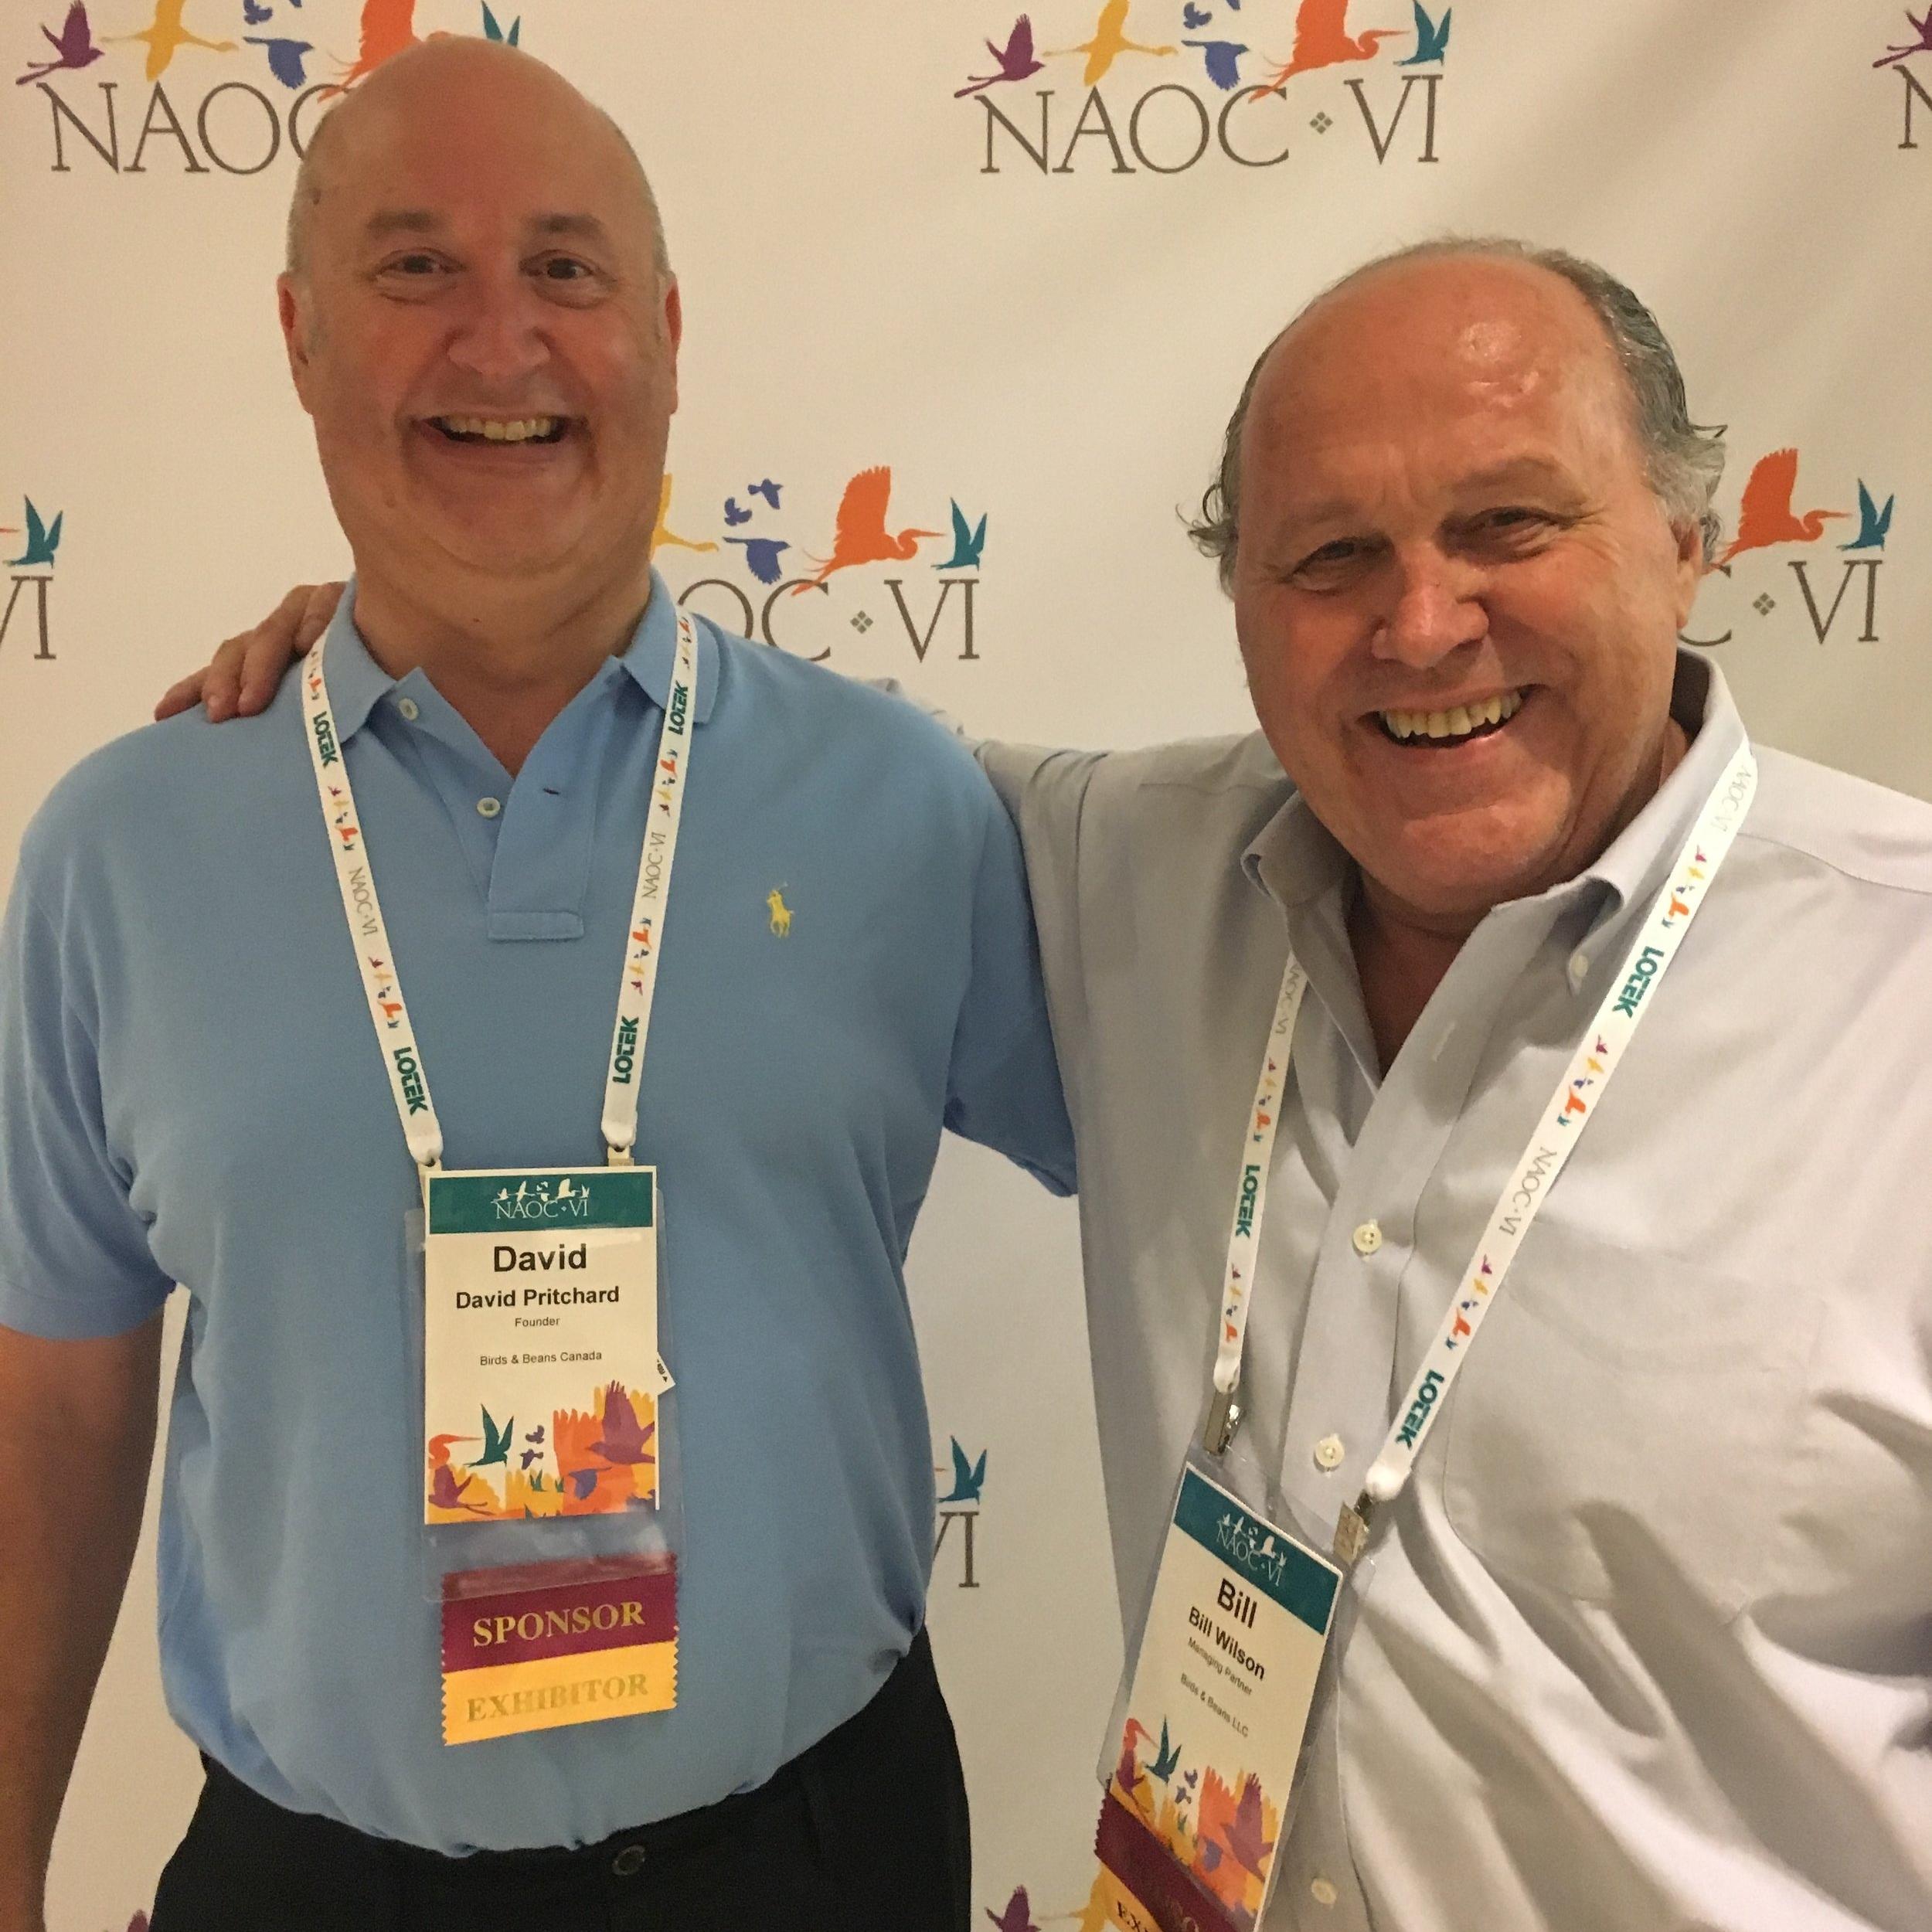 David Pritchard & Bill Wilson, Founders